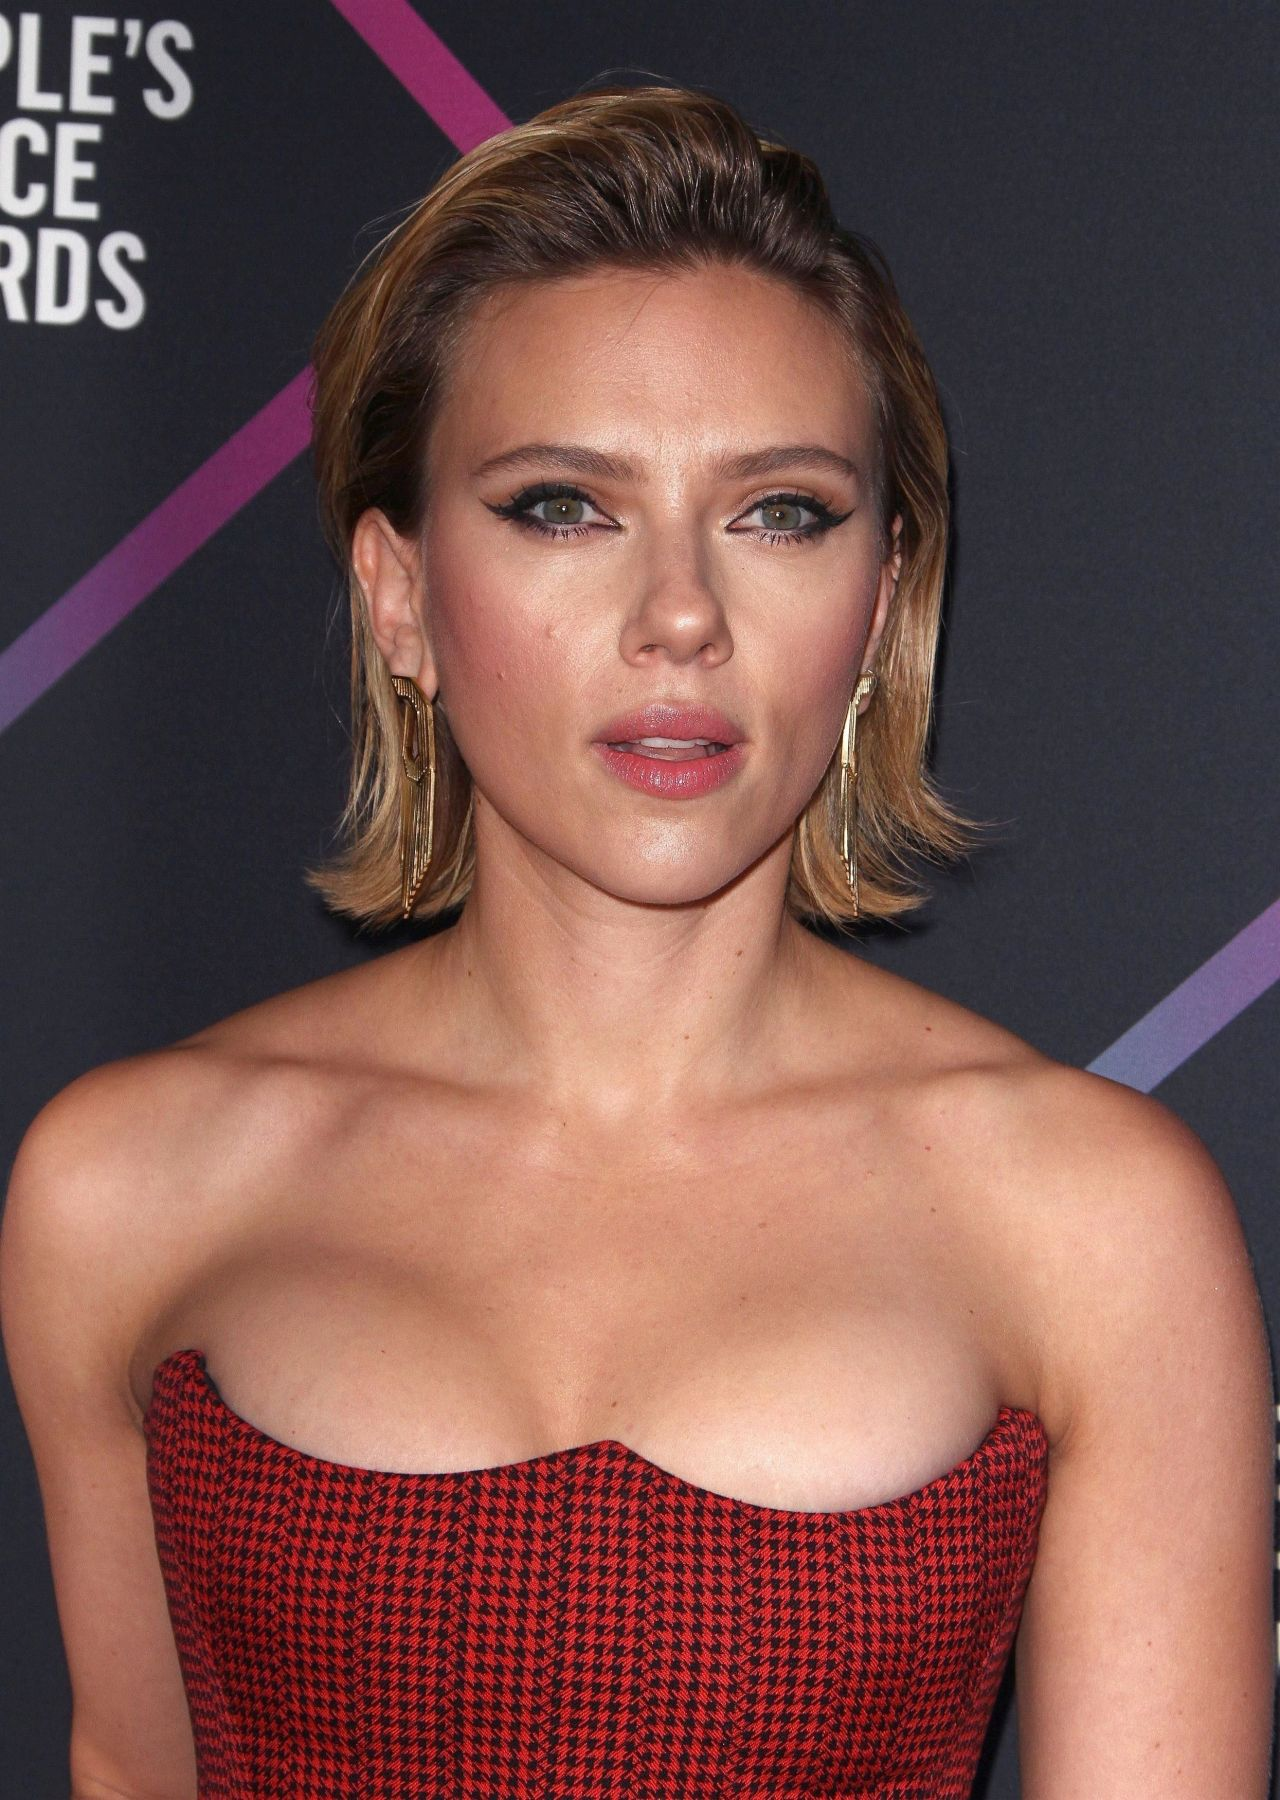 Scarlett Johansson - People's Choice Awards 2018 (Part II) Scarlett Johansson